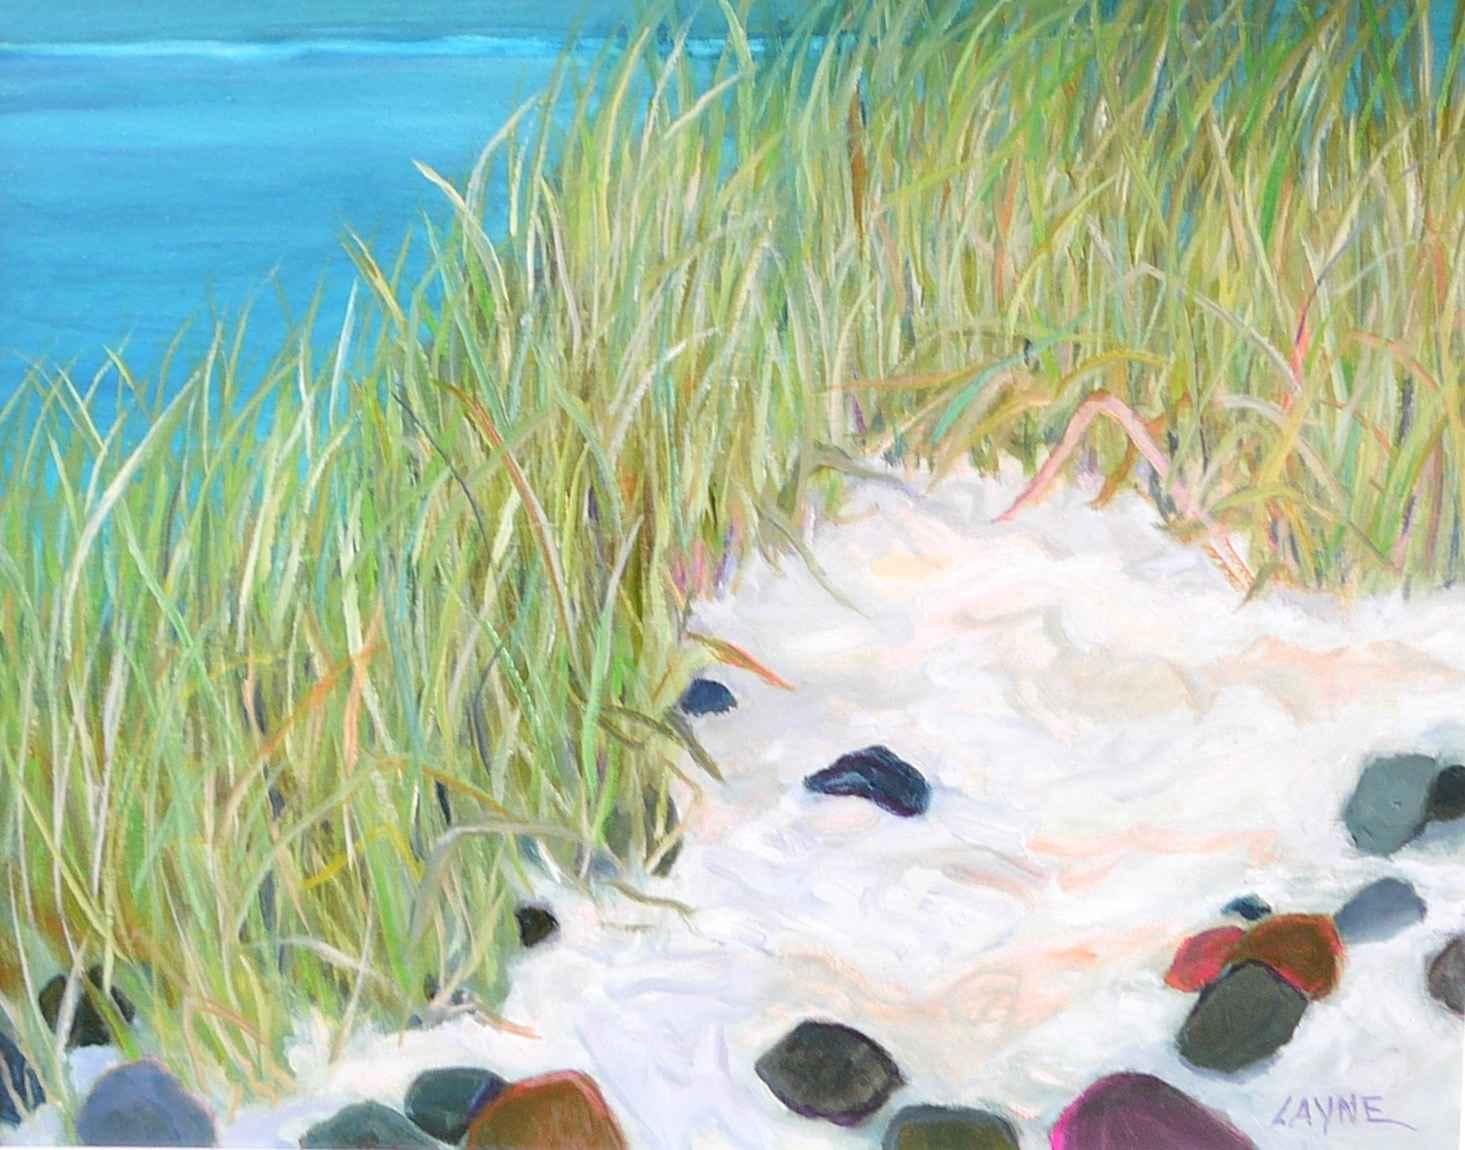 Sea, Sand & Seagrass